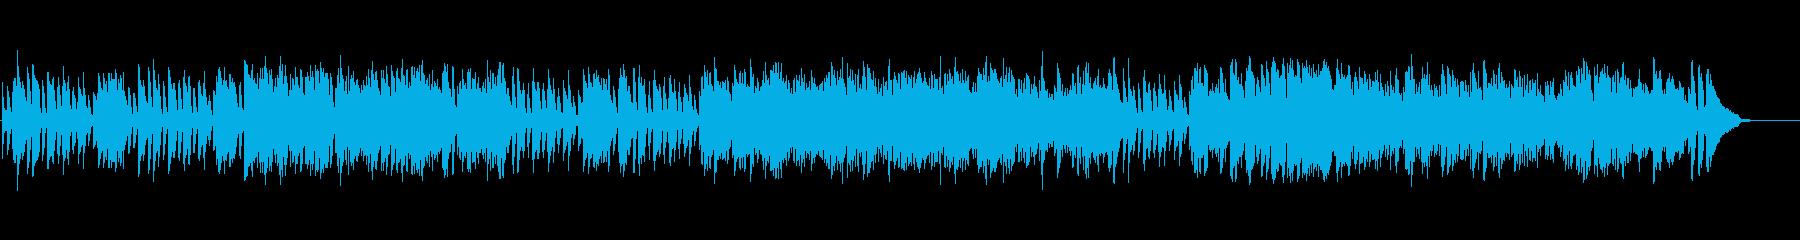 高貴で快活なチェンバロ バロック・高音質の再生済みの波形